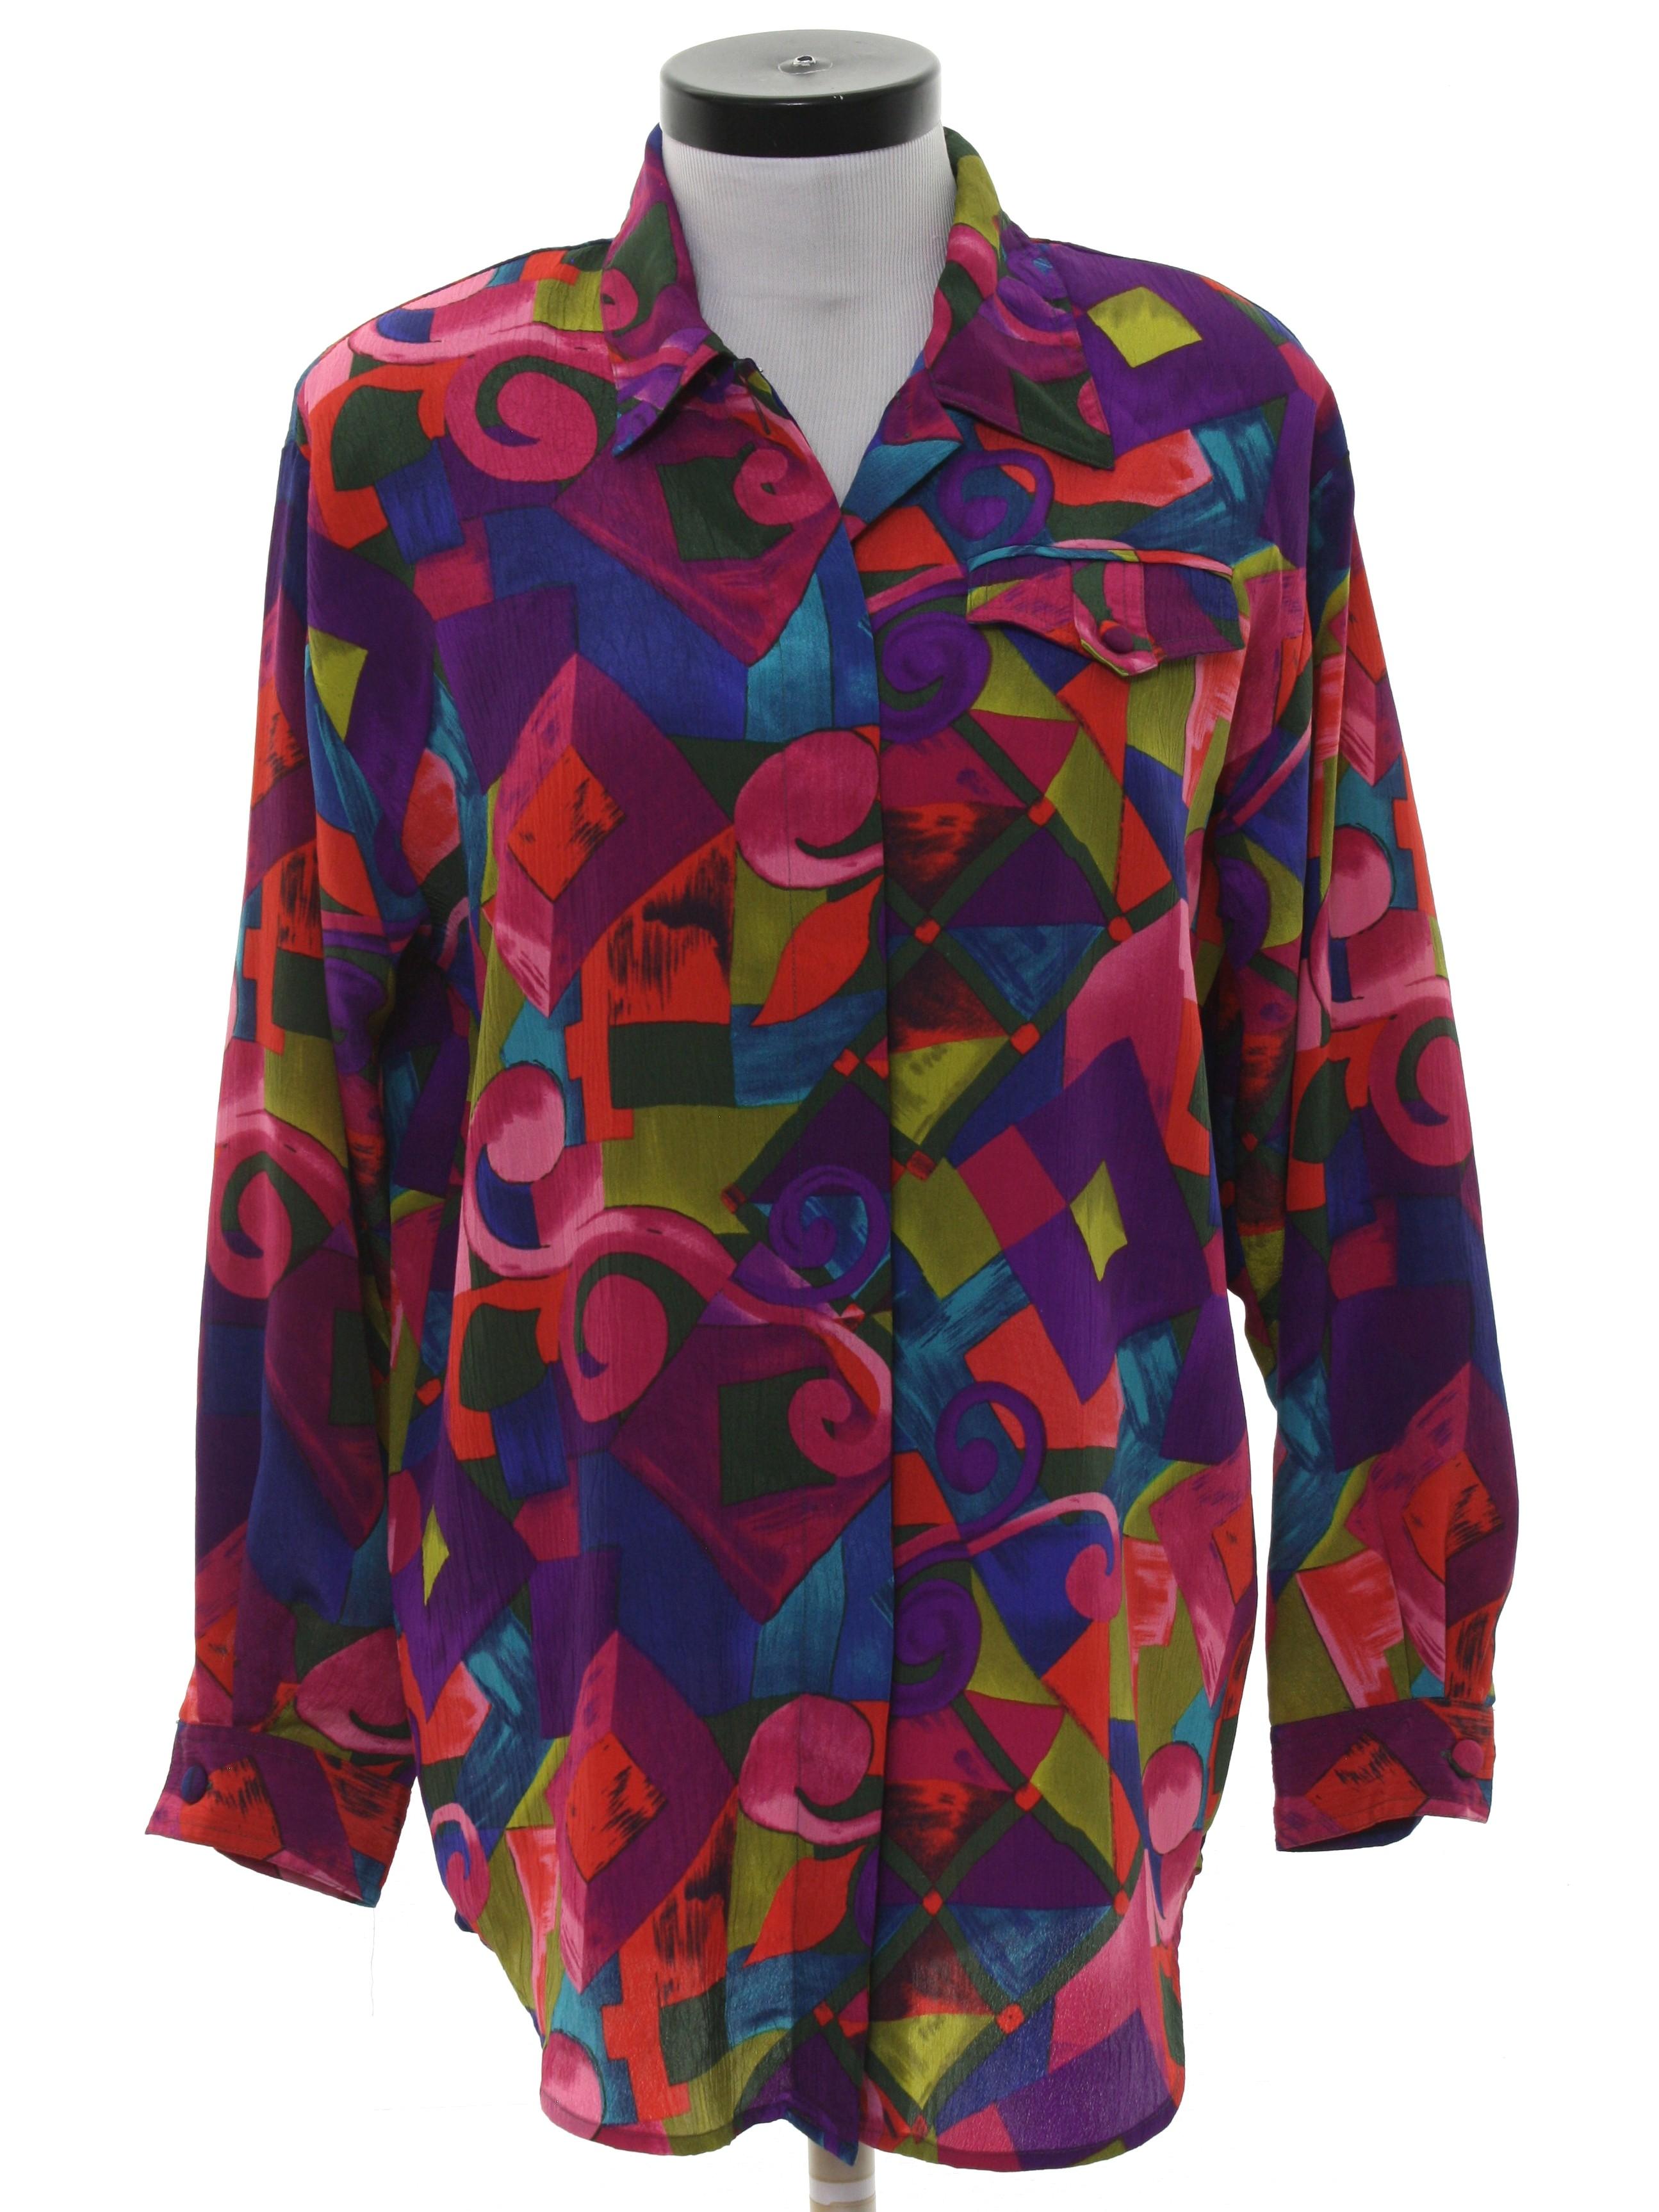 83e03404 80s Retro Shirt: 80s -Christie Jill- Womens multi color background ...